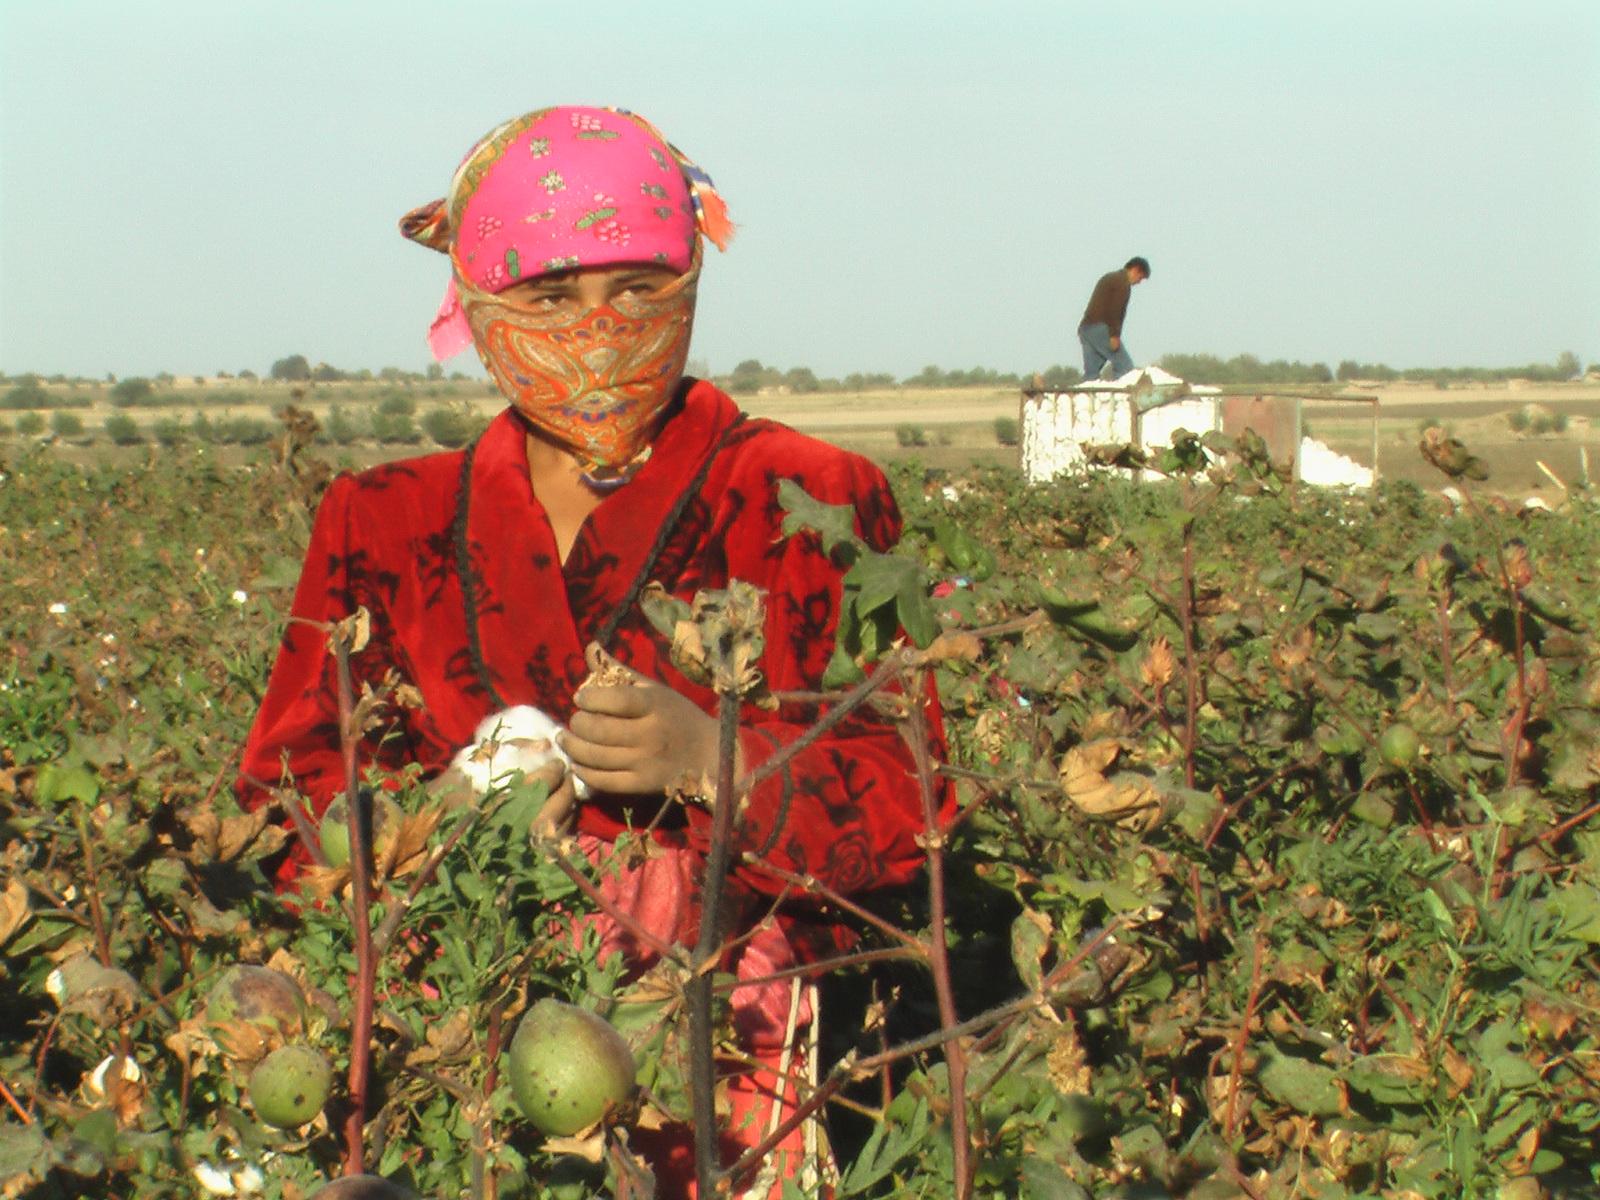 Zwangsarbeit bei der Baumwollernte in Usbekistan. Kaum jemand kann sich den Anordnungen der Behörden entziehen